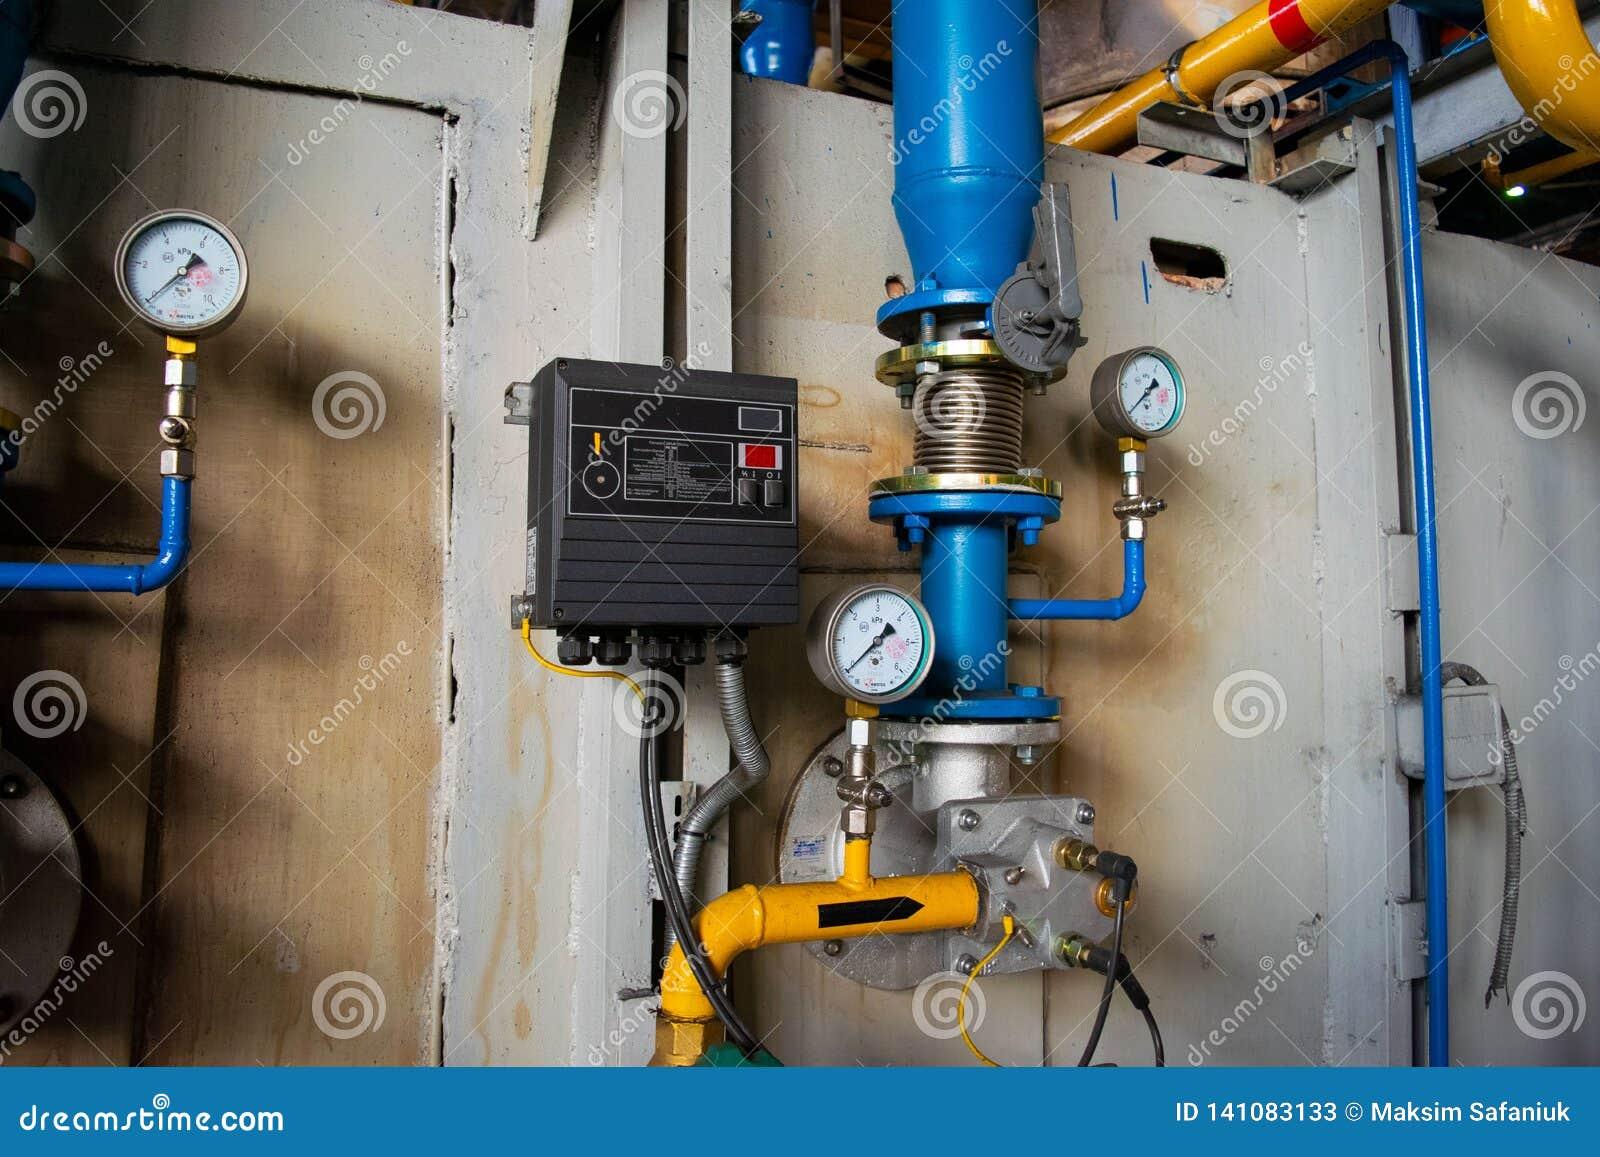 测量仪在热导管附近的锅炉室有绝缘材料涂层的